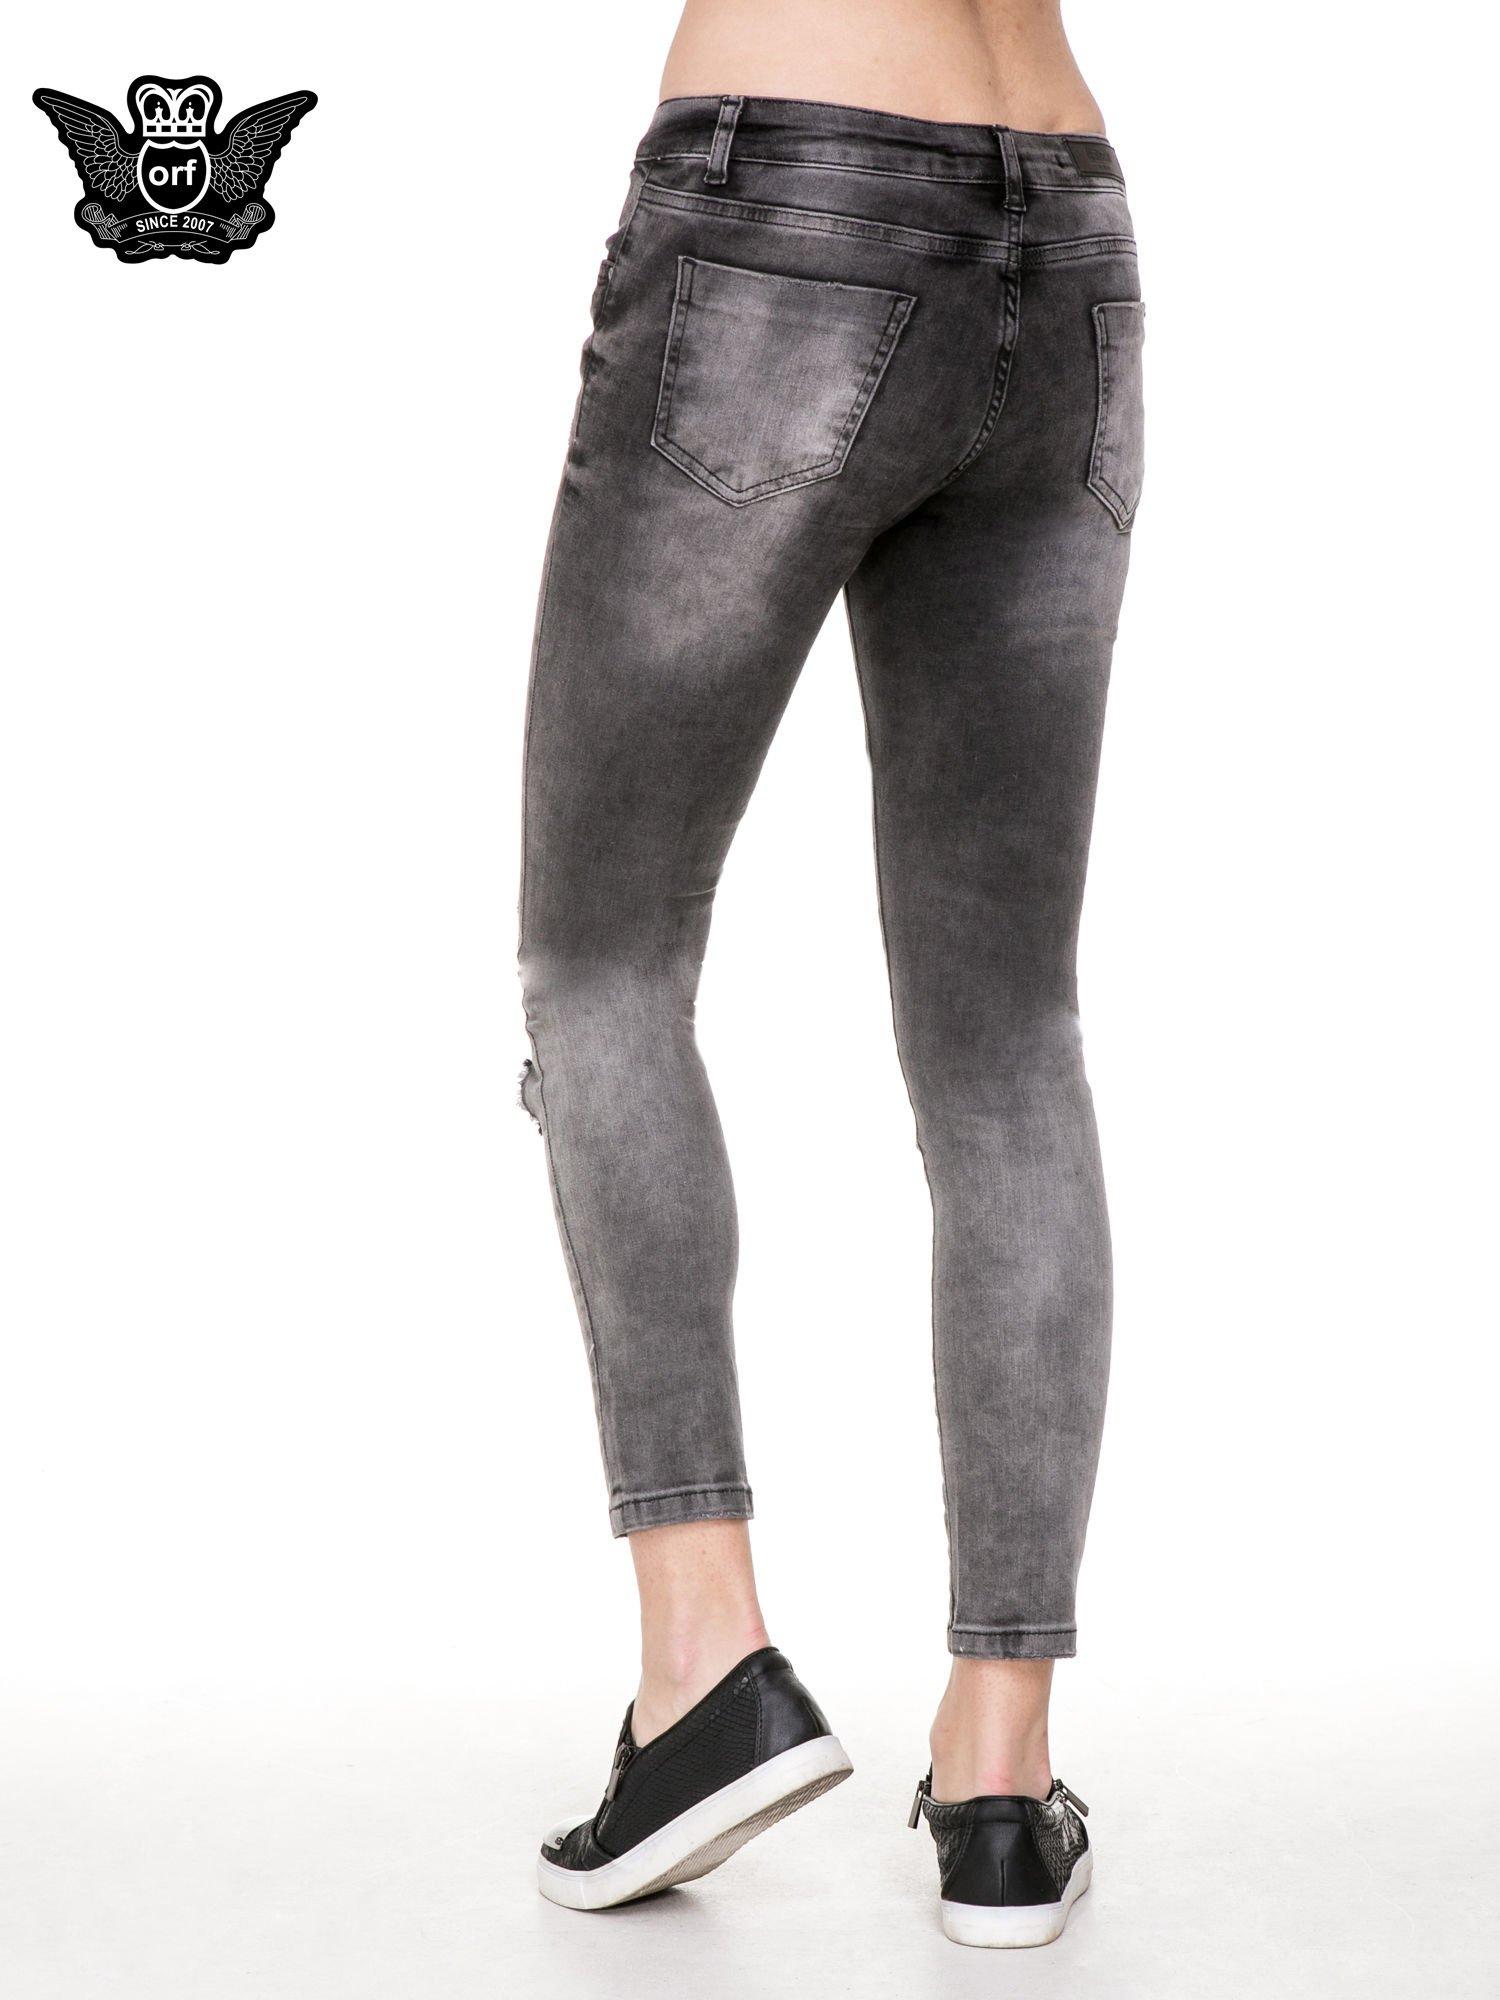 Czarne rozjaśniane spodnie jeansowe 7/8 z przetarciami i łatami                                  zdj.                                  4